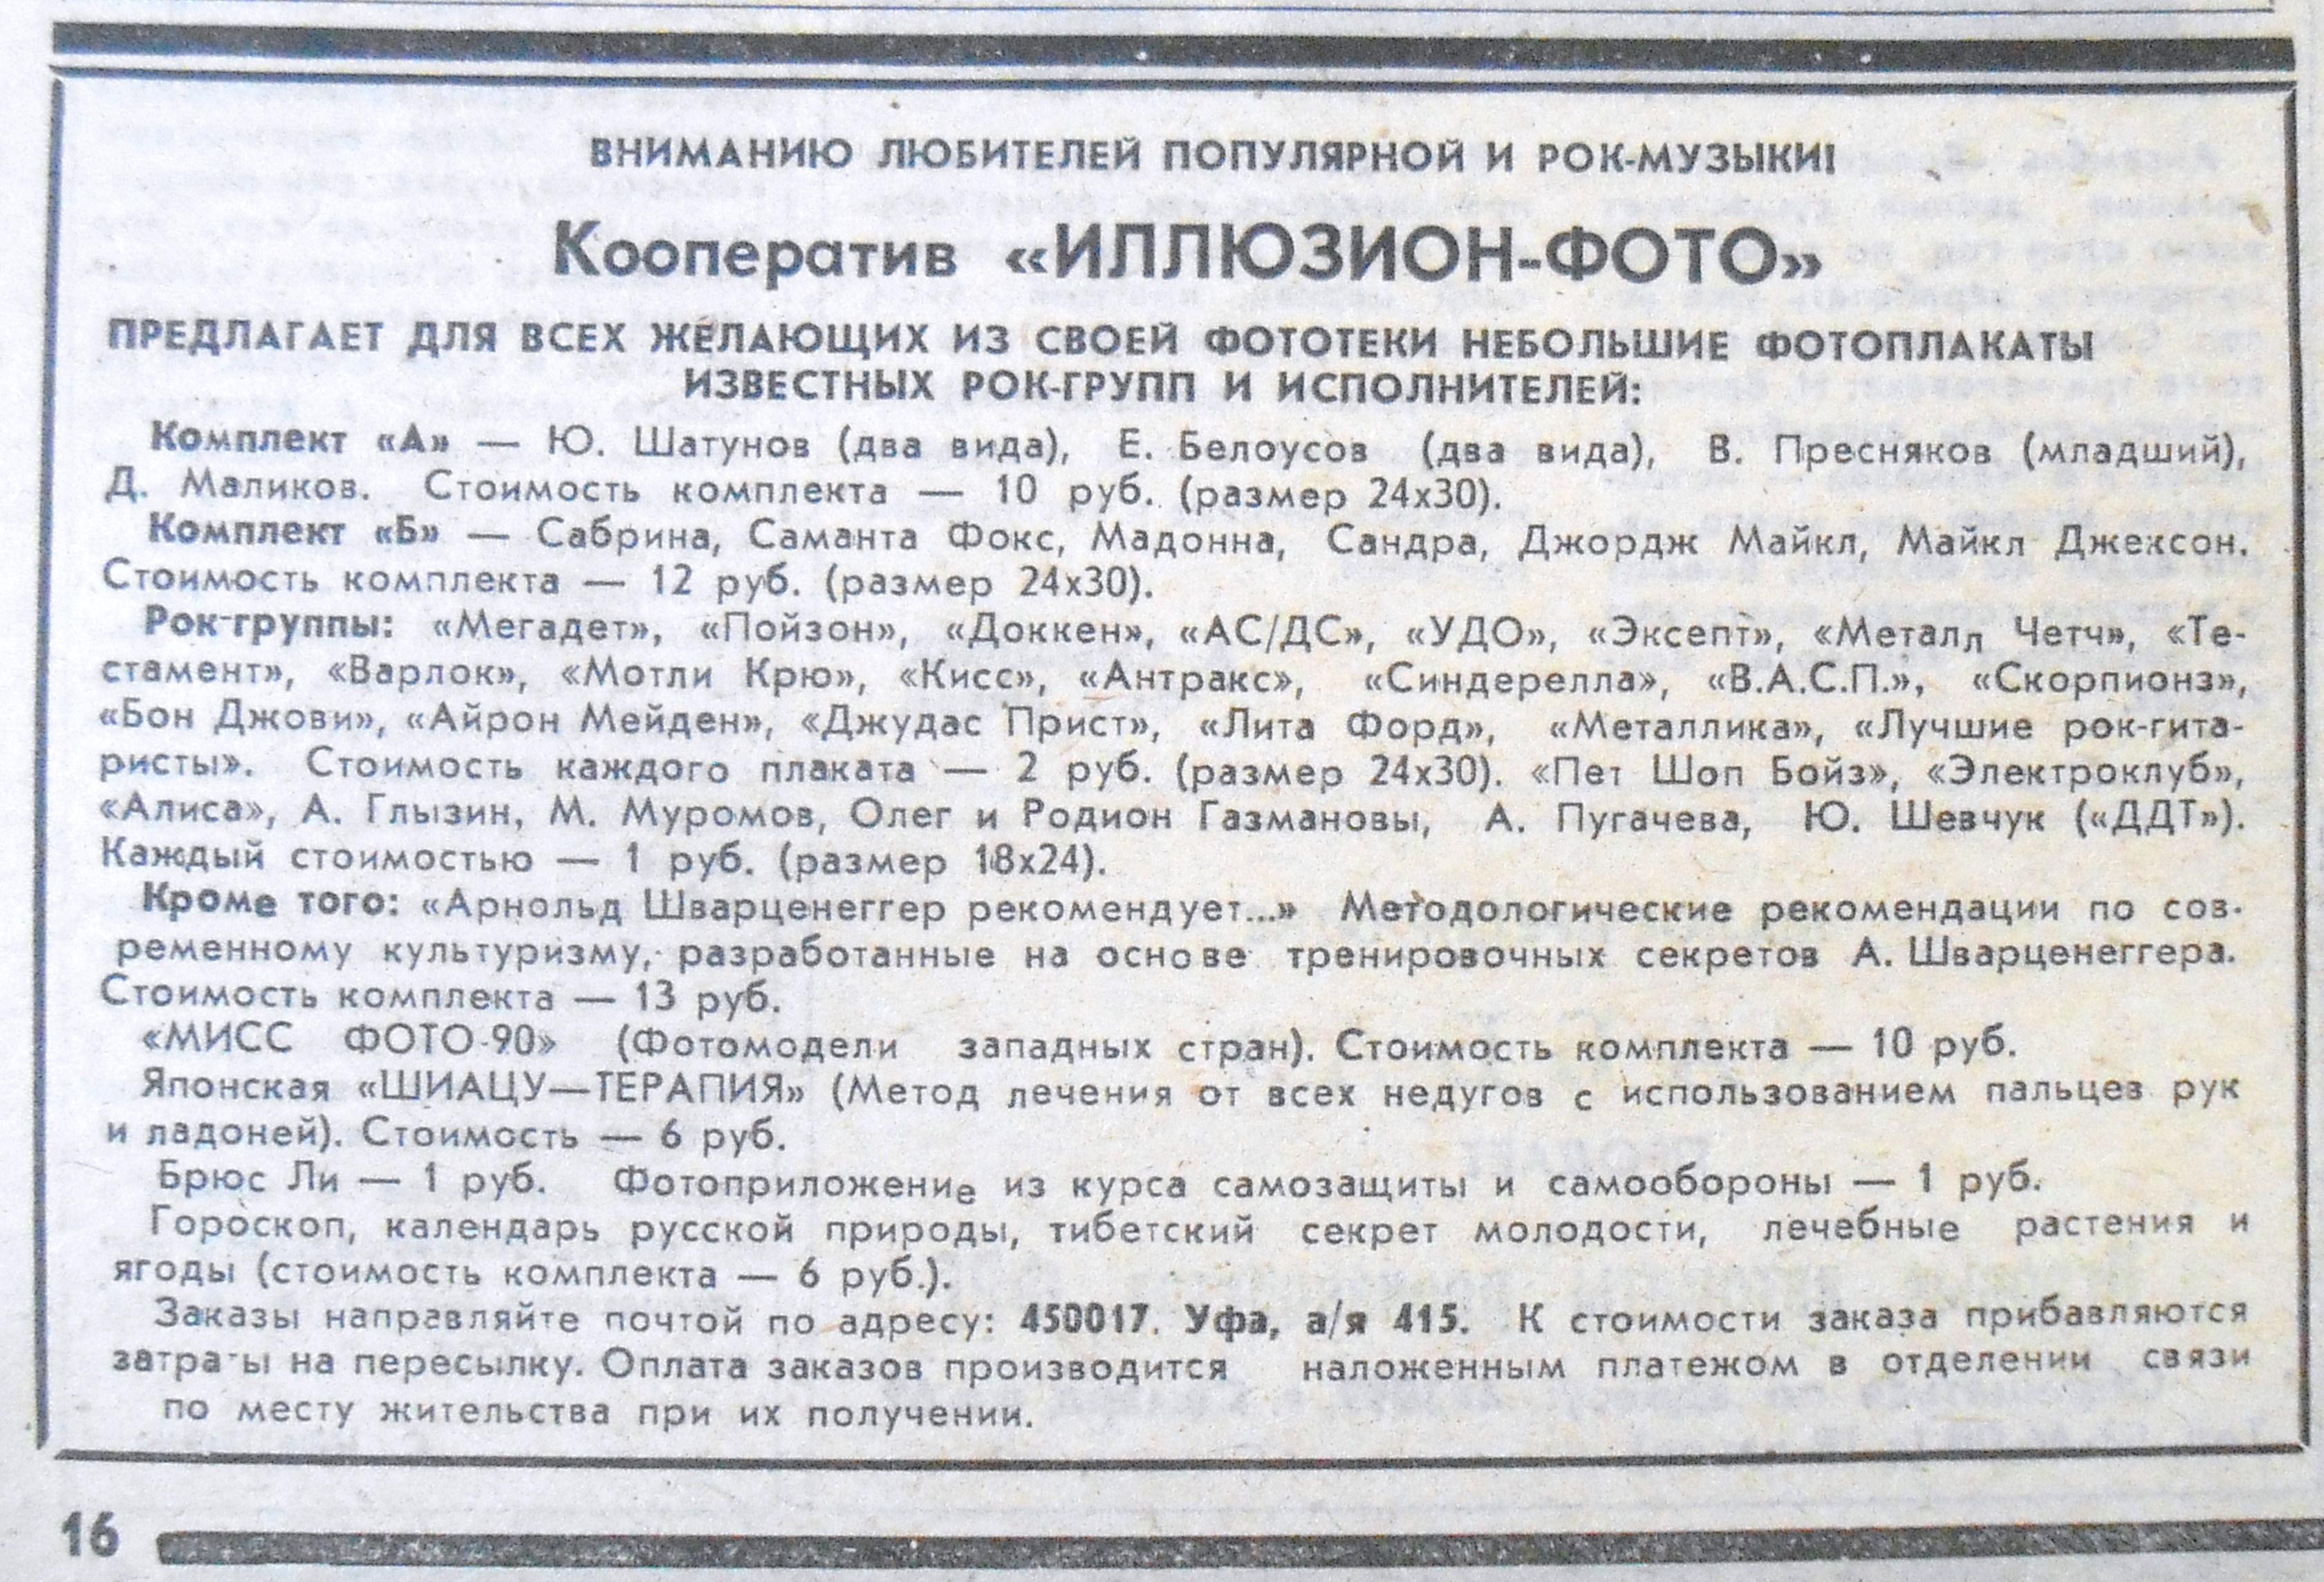 Волжск.Комсомол.18 мая. Фото звезд